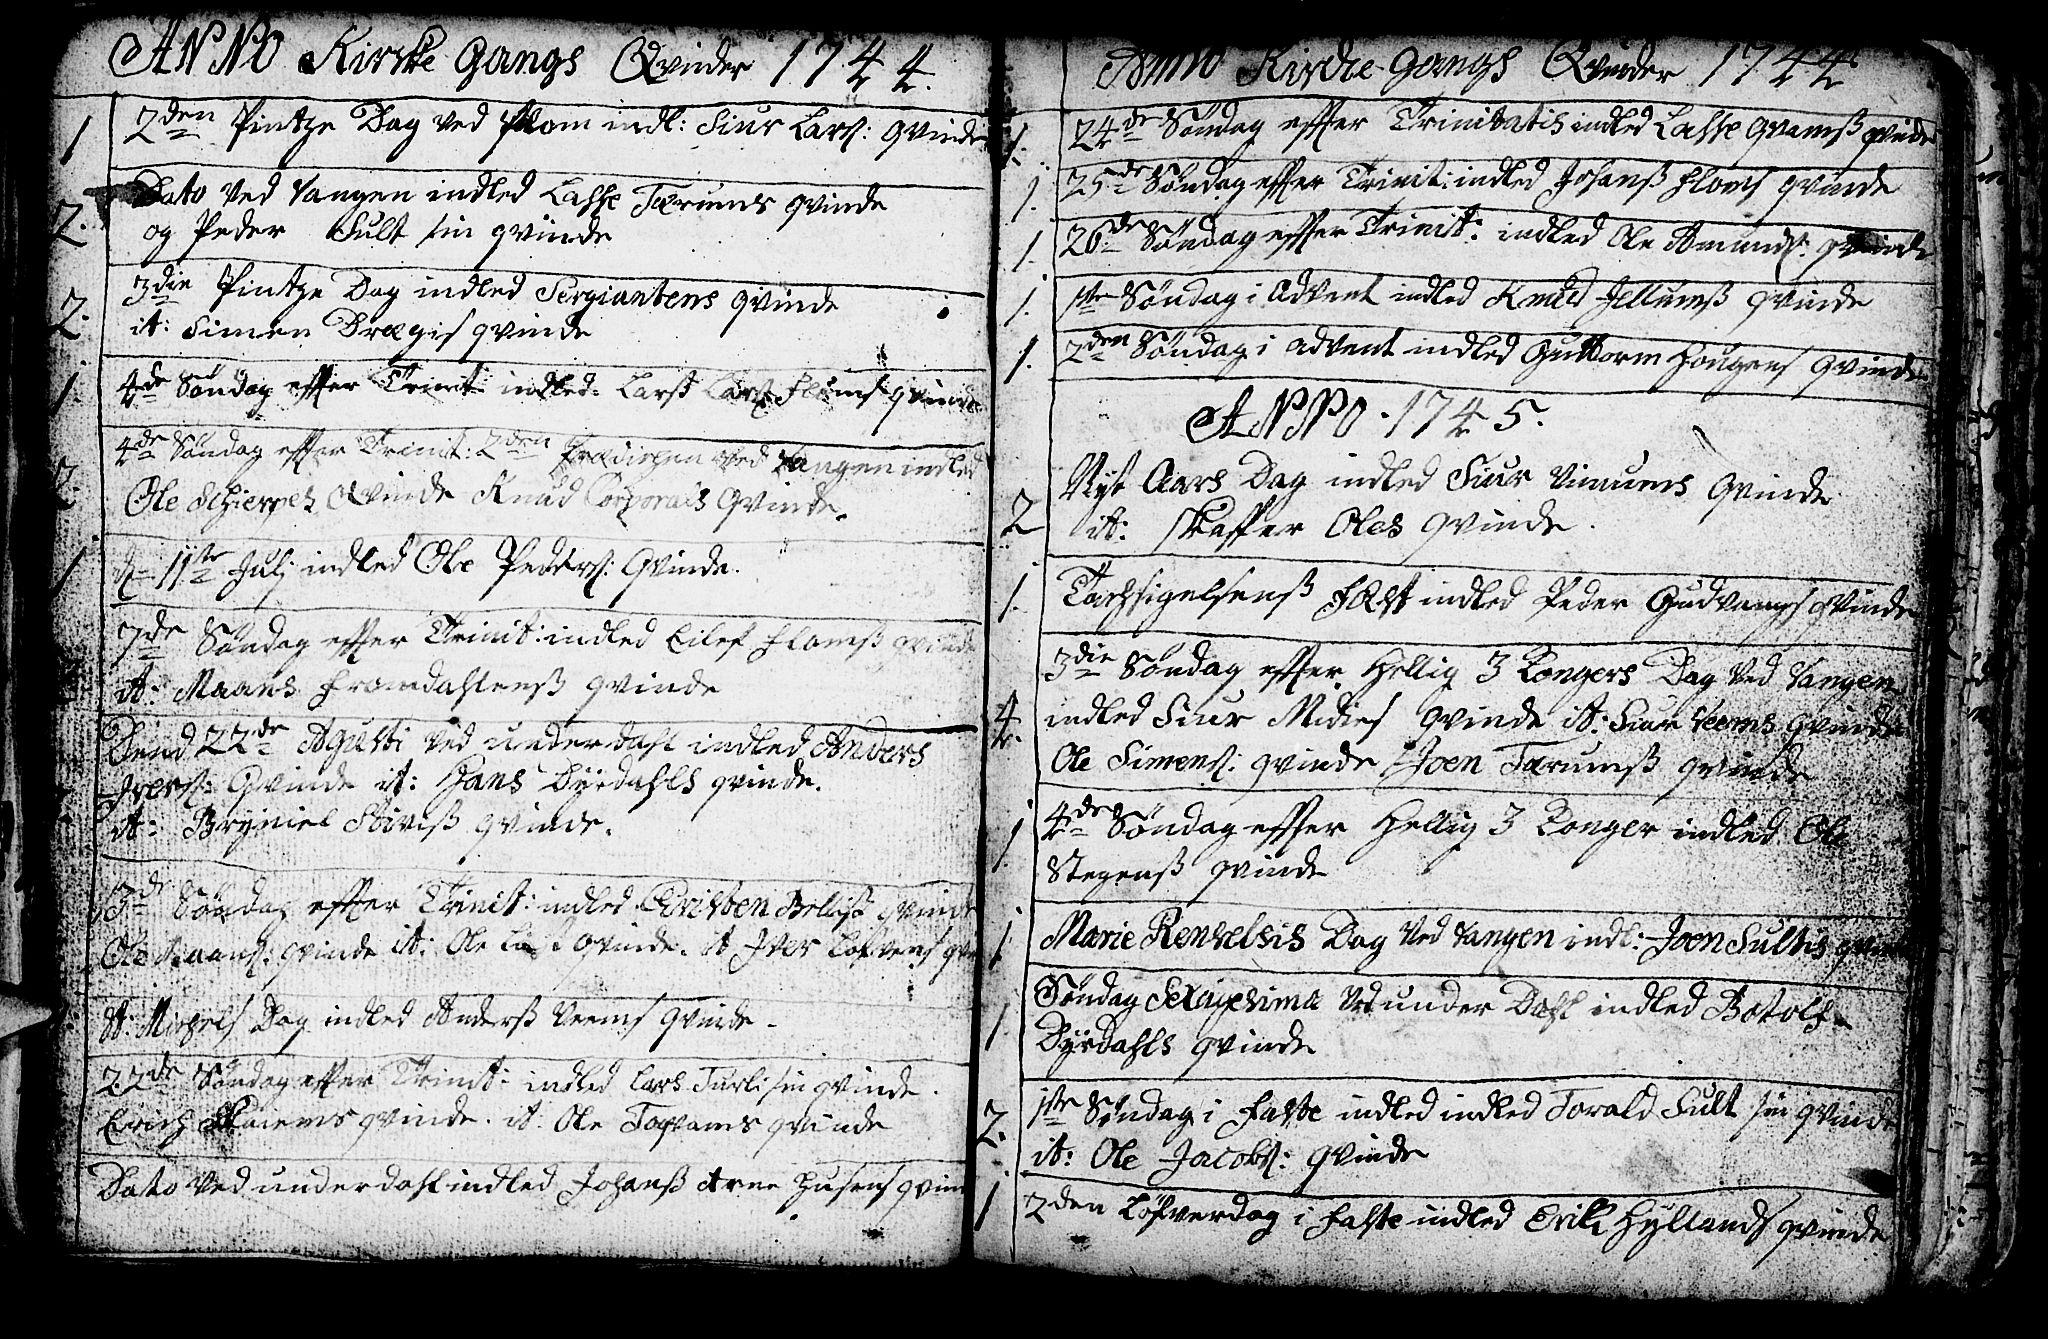 SAB, Aurland Sokneprestembete*, Ministerialbok nr. A 3, 1735-1761, s. 143